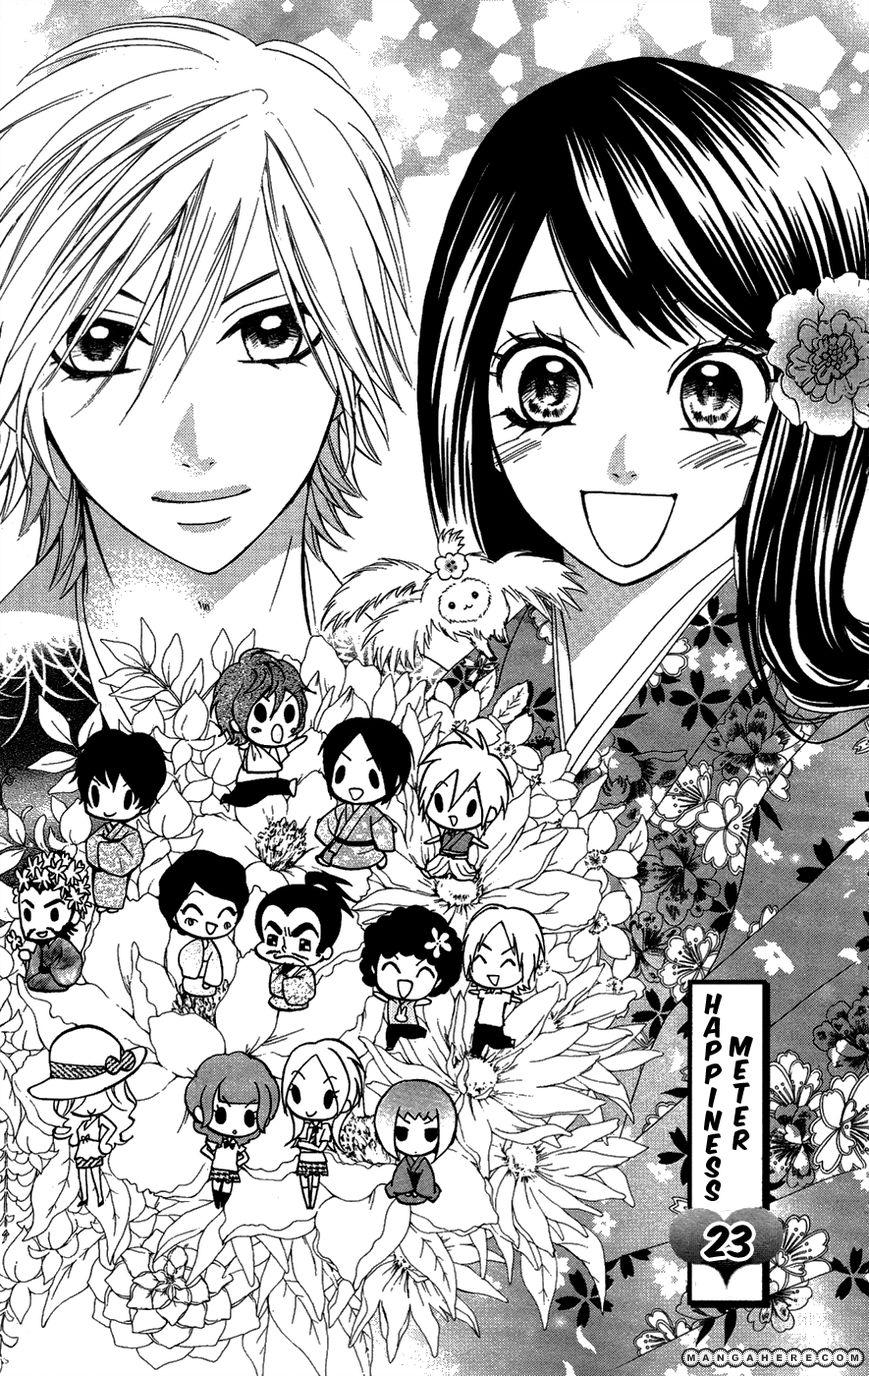 Ojousama Wa Oyomesama 23 Page 1